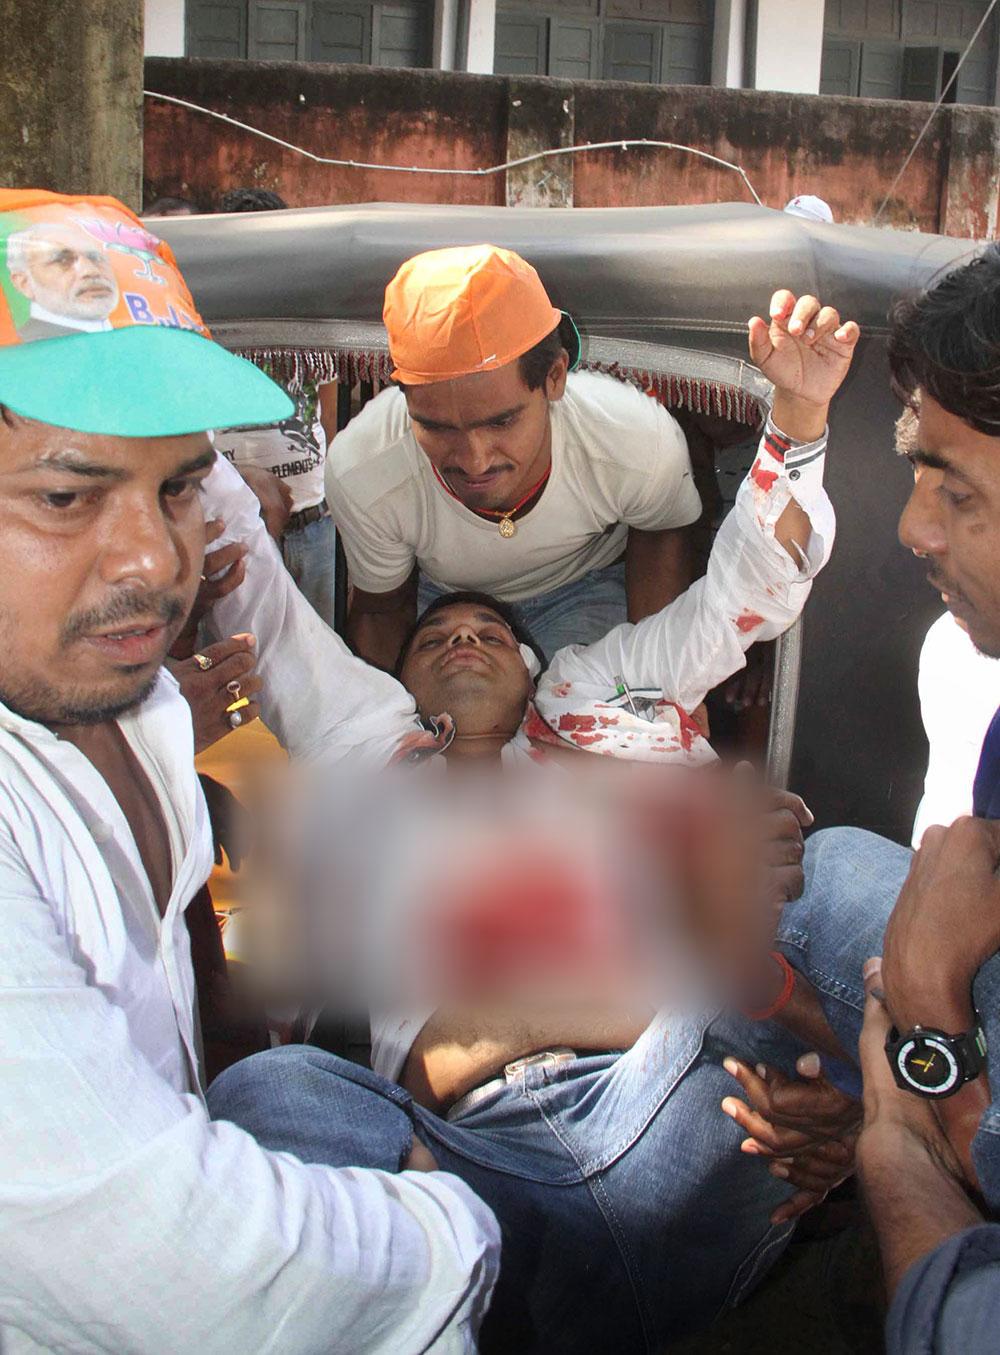 पटना के गांधी मैदान सीरियल ब्लास्ट में घायल व्यक्ति को अस्पताल ले जाती पुलिस।